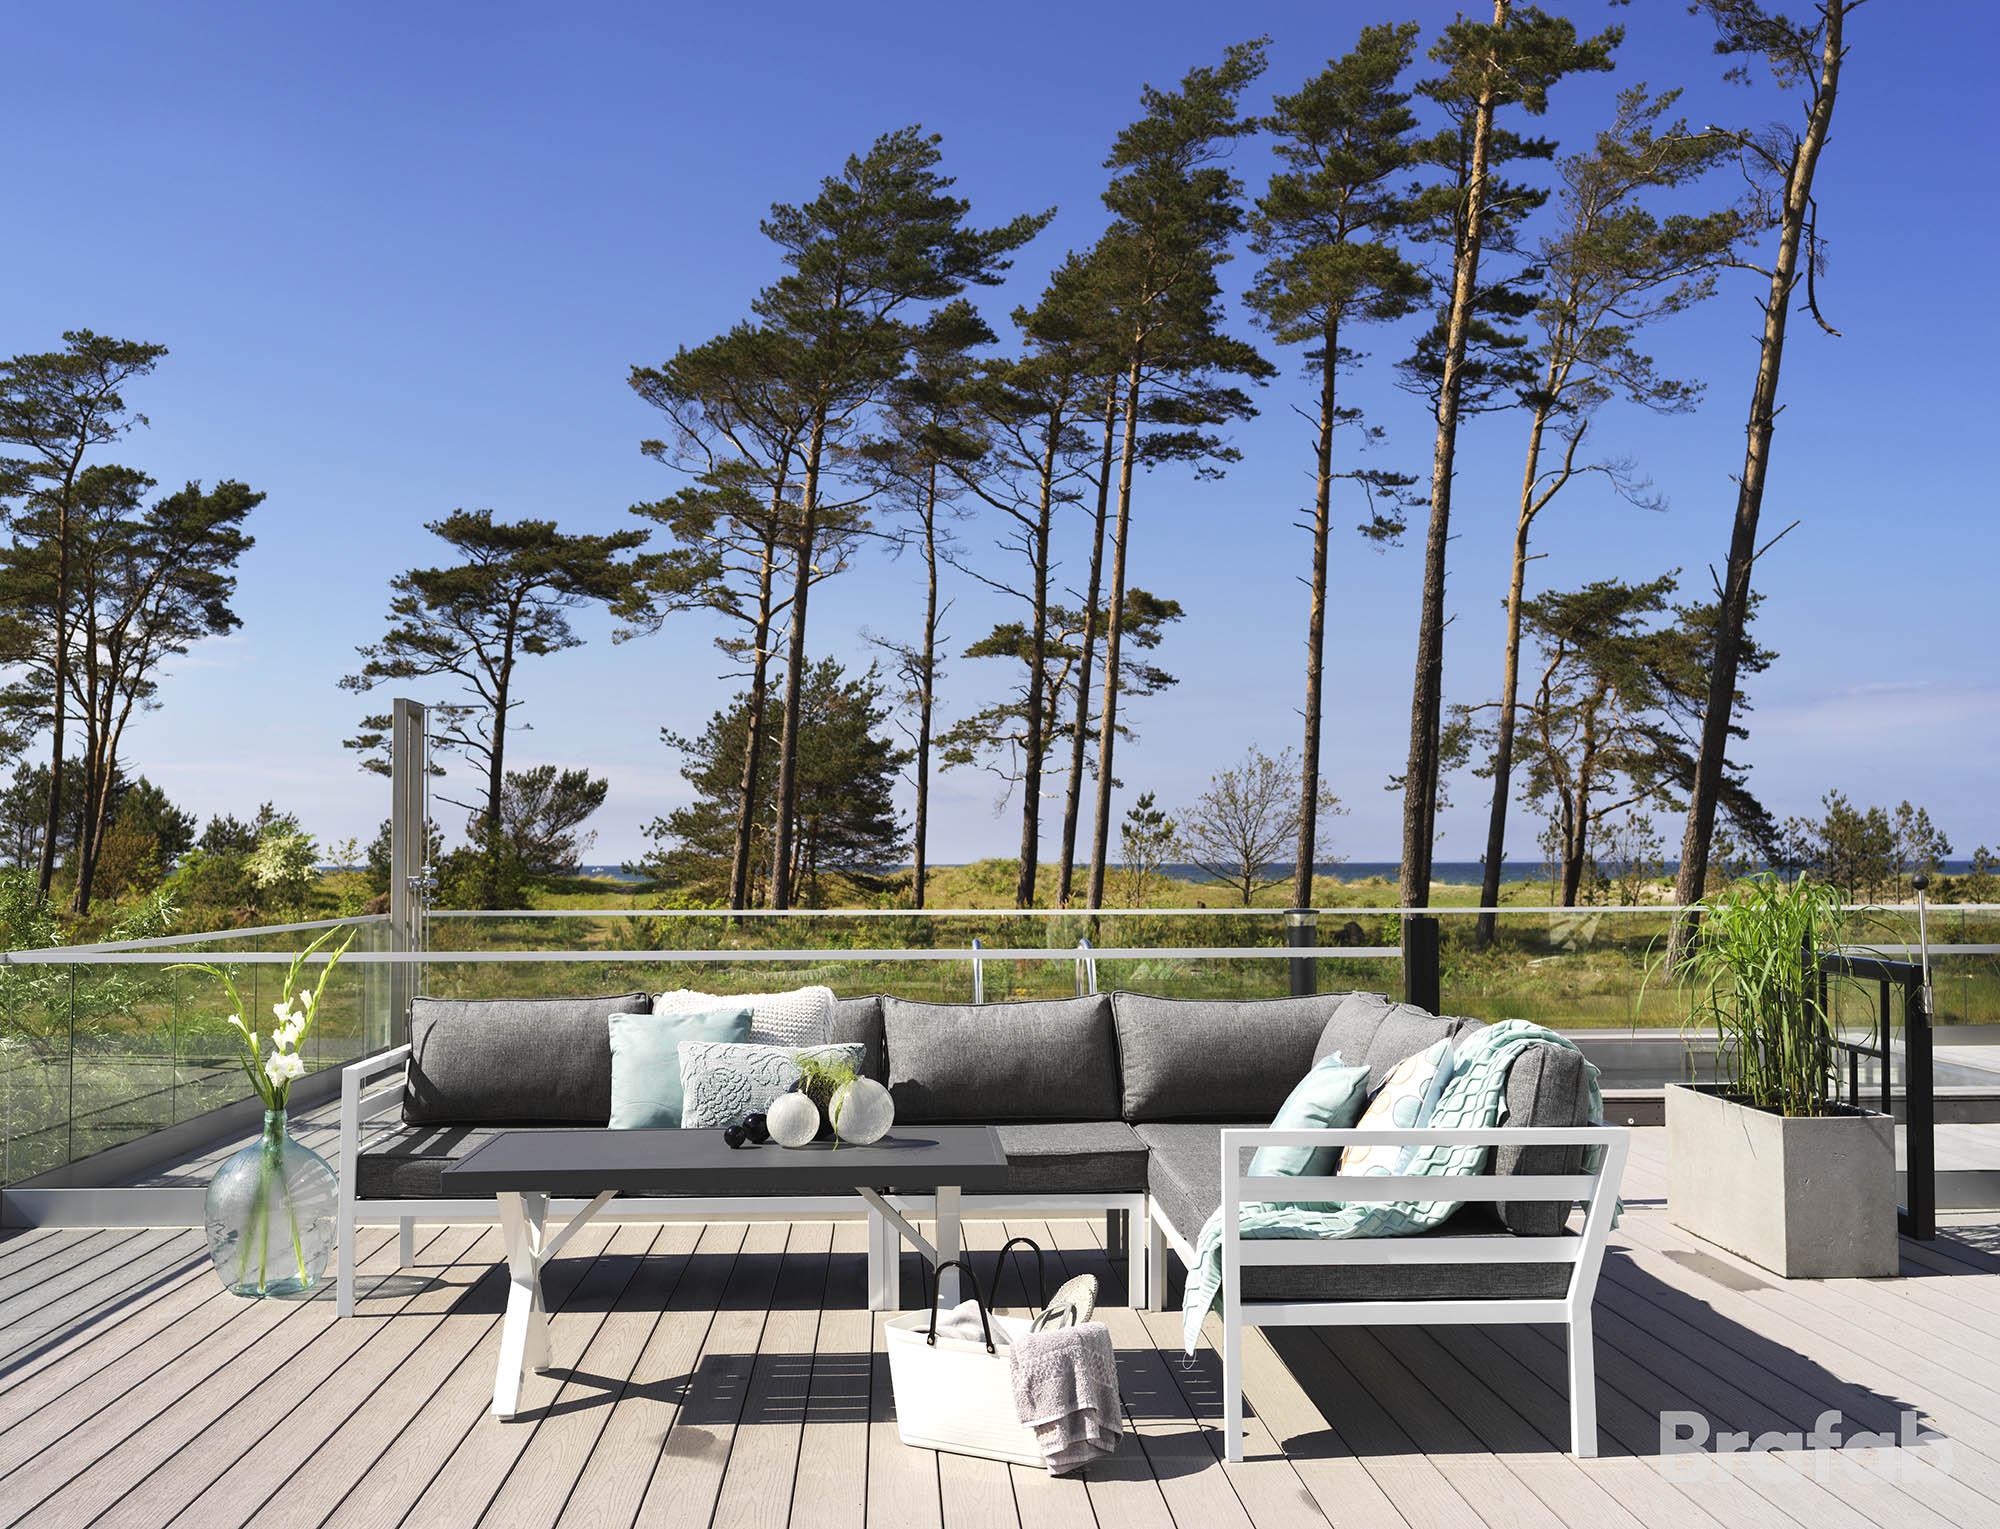 Miljöbild på aluminium möbelserien Weldon i vitt från Brafab,.